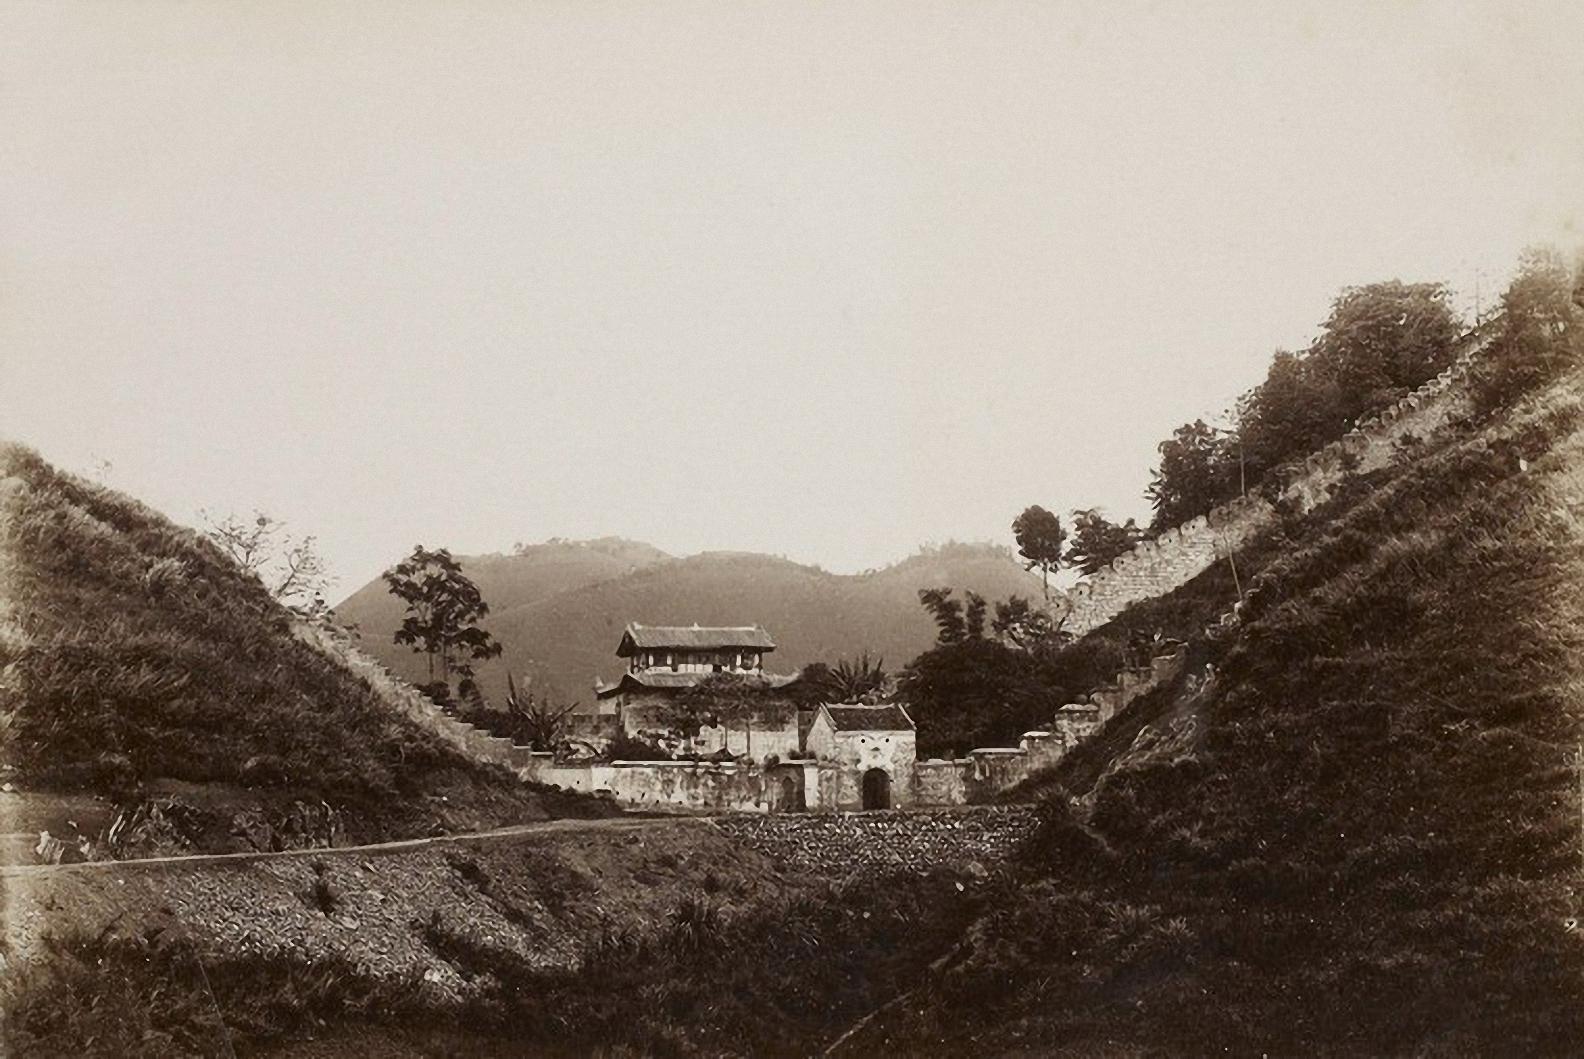 Ải Nam Quan (nay là Hữu Nghị Quan) là một địa danh lịch sử cũng như một công trình kiến trúc nằm ở khu vực sát đường biên giới Việt Nam - Trung Quốc. Ảnh: Các công trình tại khu vực Ải Nam Quan năm 1896.